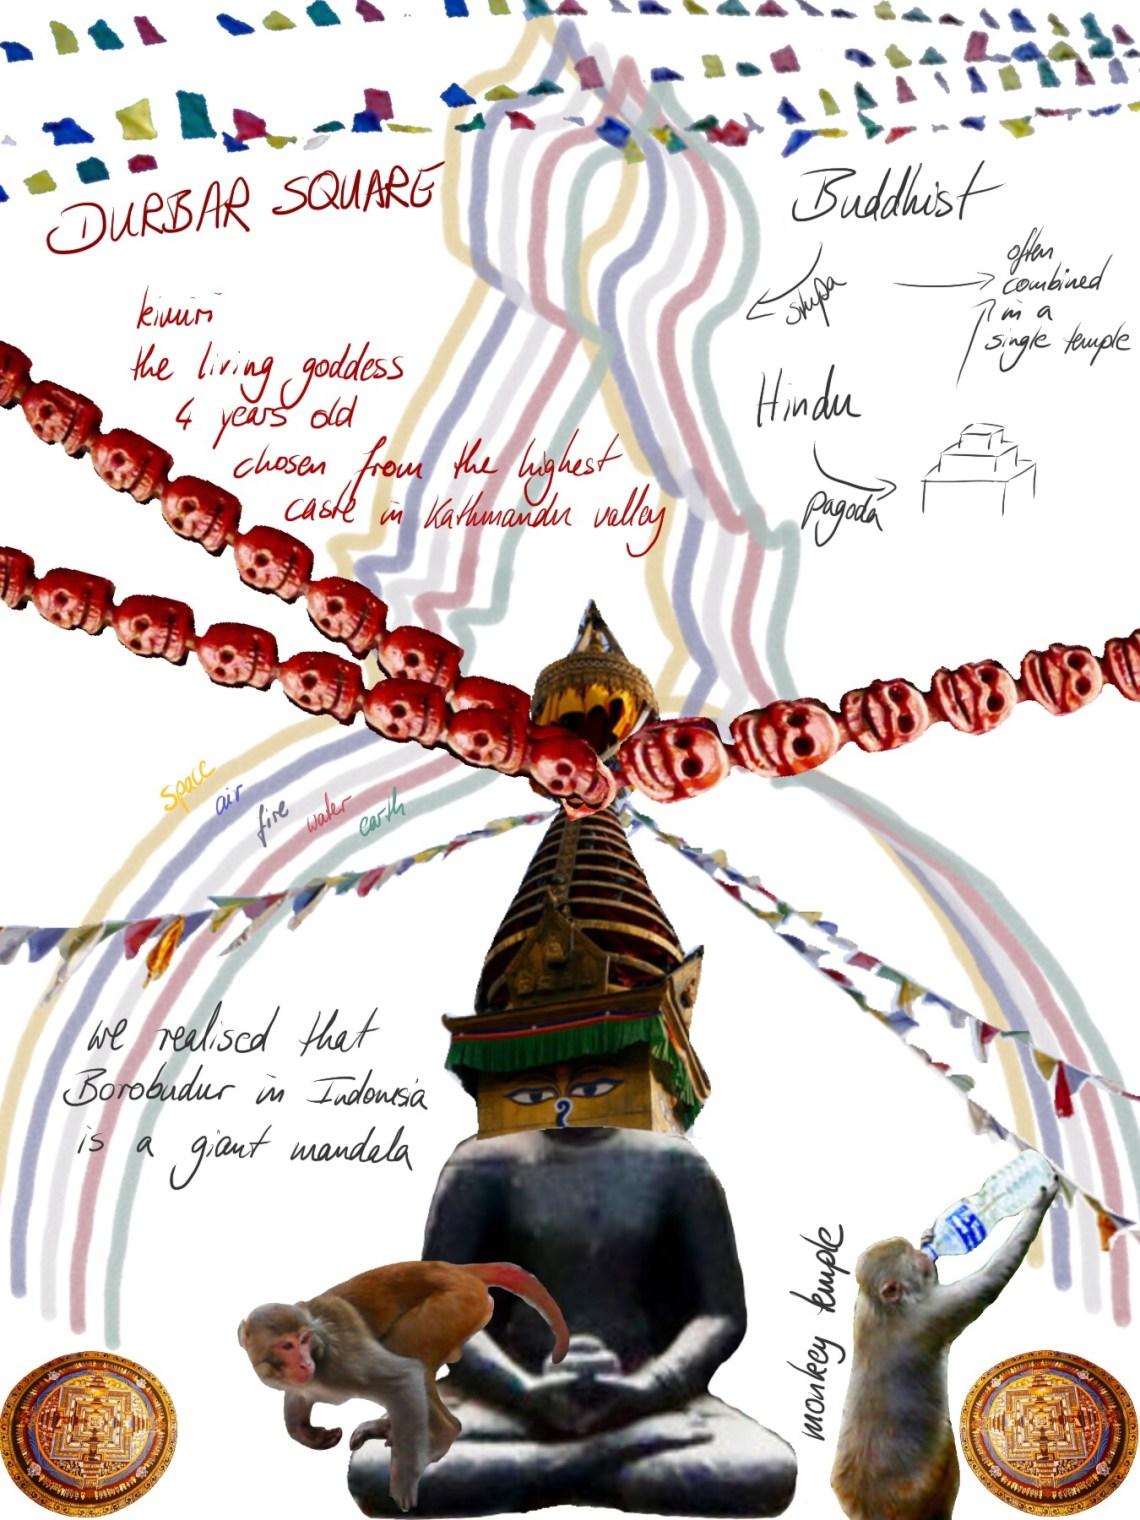 Kathmandu Nepal temple mandala stupa pagoda